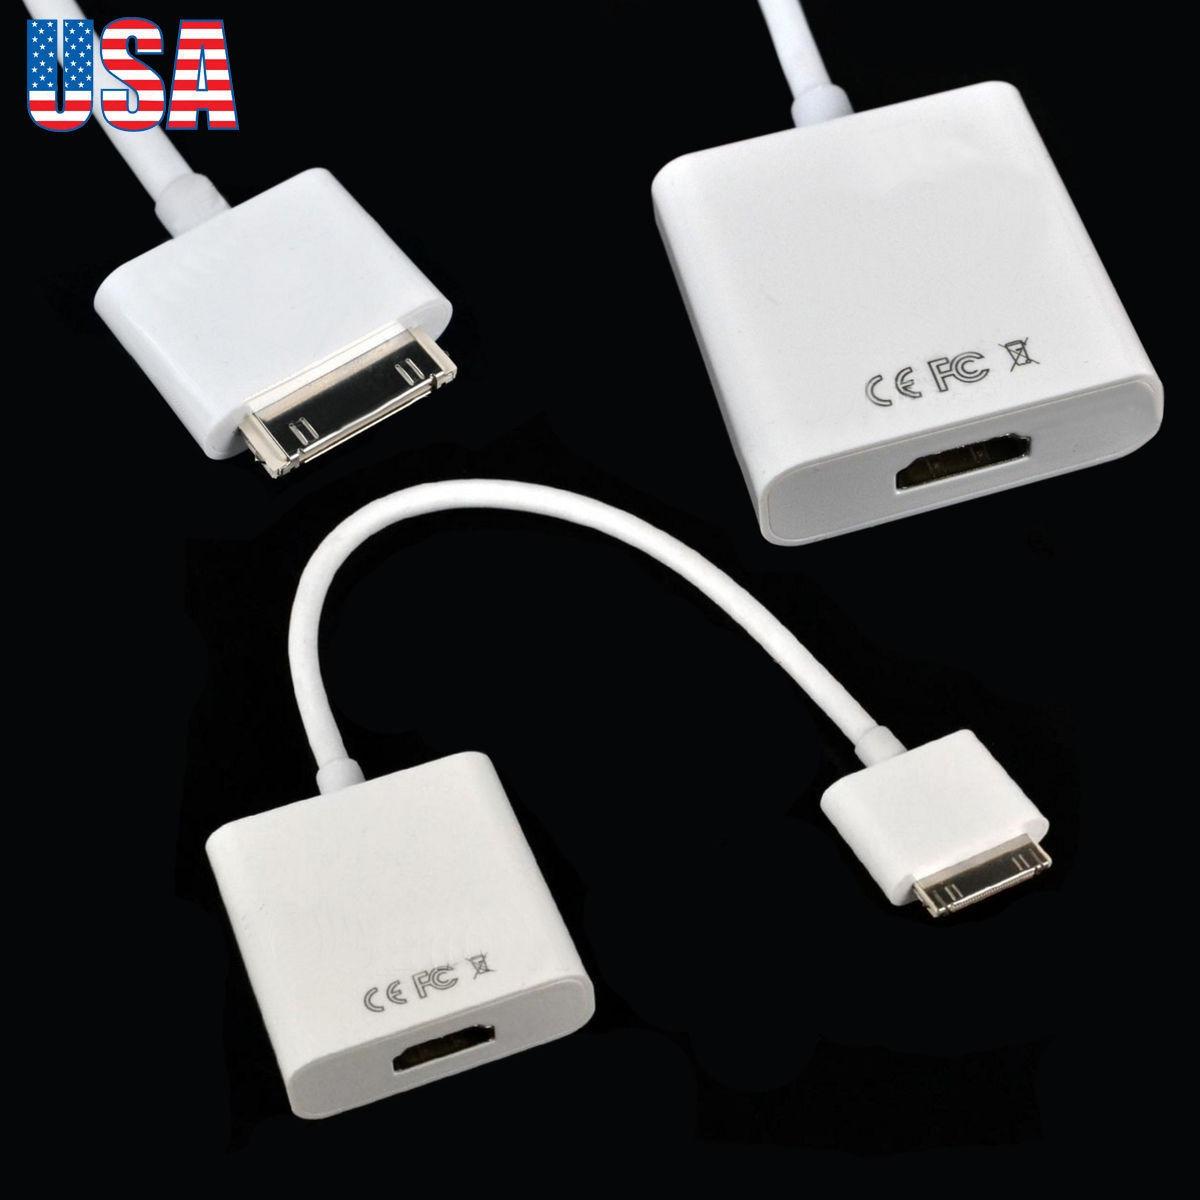 0bb4c630a37 dock de 30 pin al adaptador de hdmi para apple ipad 1 2 3 3. Cargando zoom.